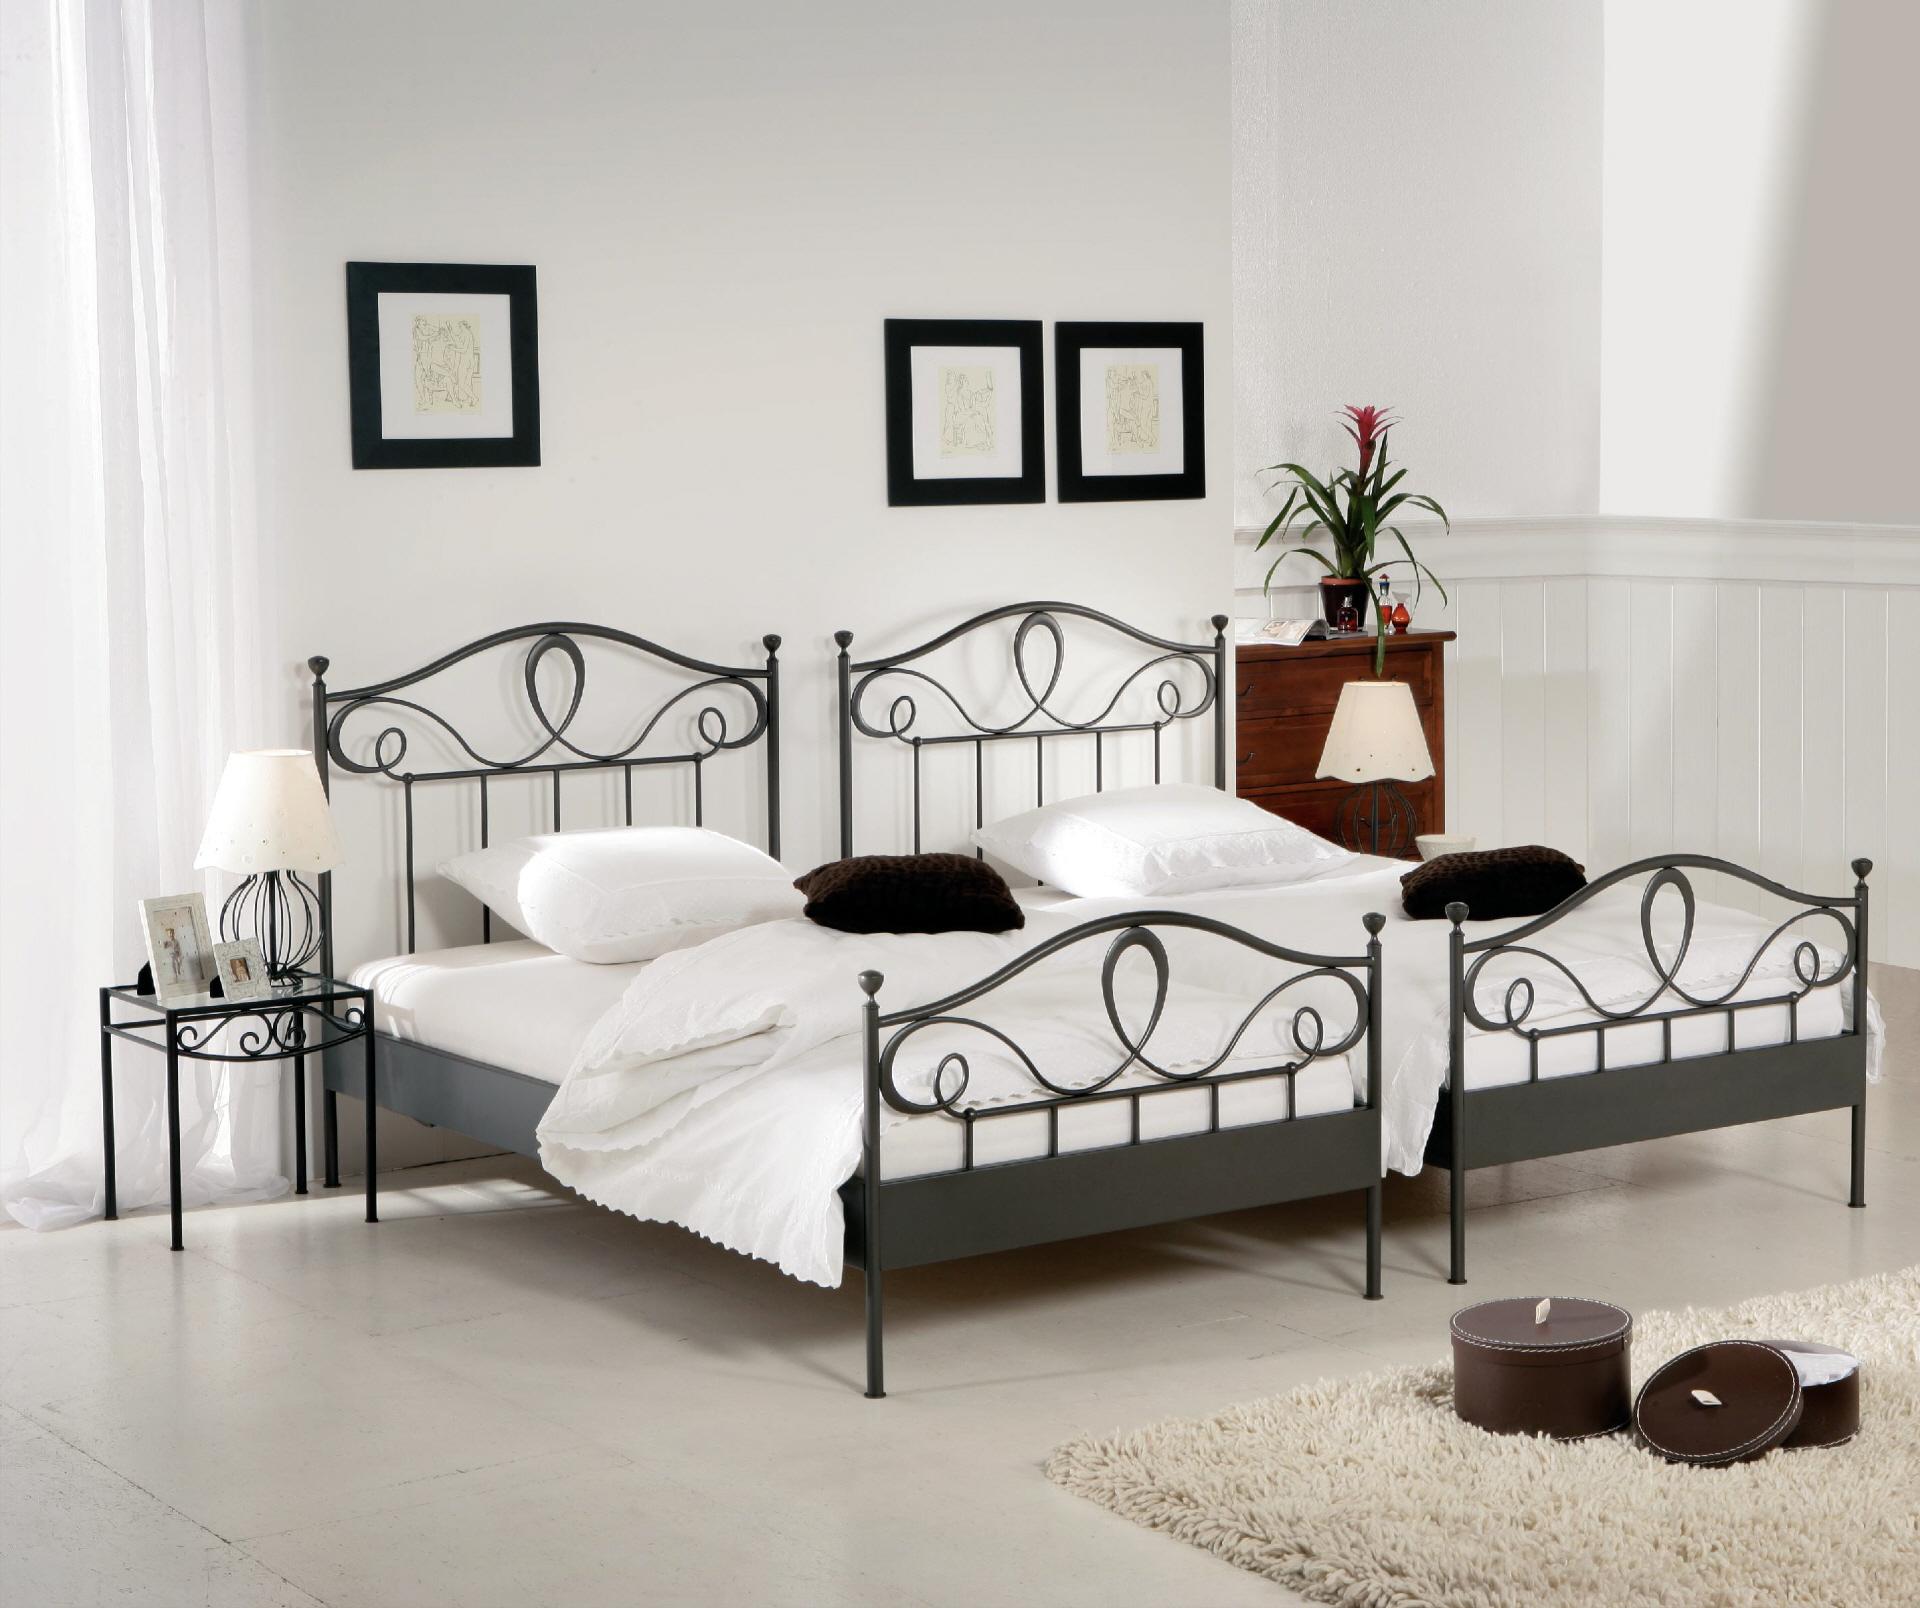 Full Size of Bett Weiß 100x200 Betten Wohnzimmer Metallbett 100x200